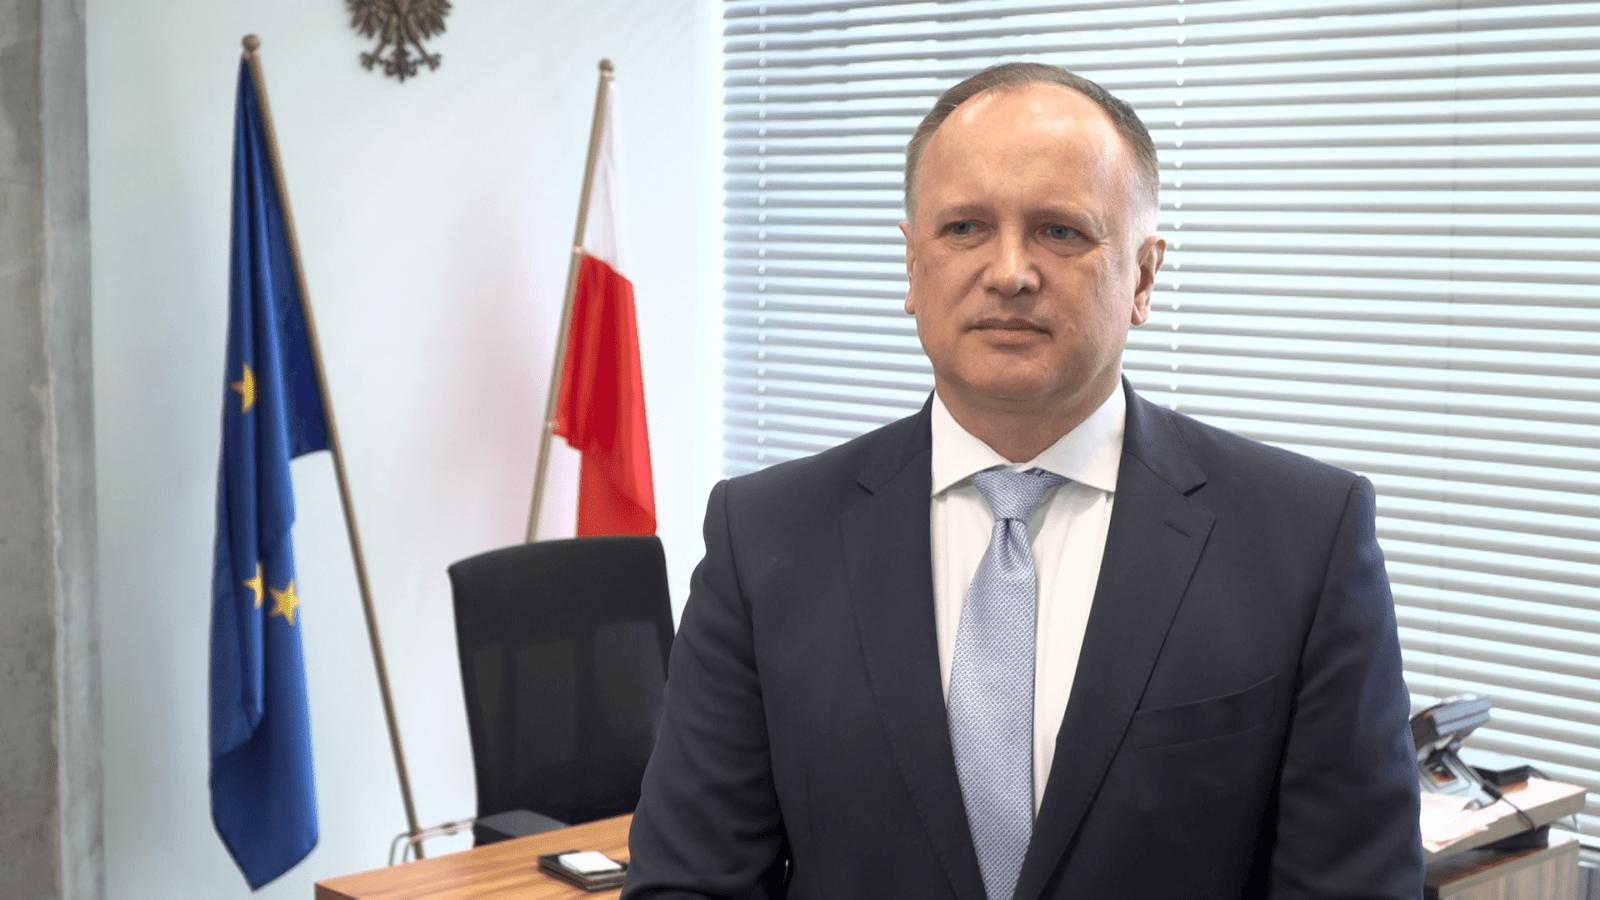 Rekordowy rok pod względem inwestycji zagranicznych. Polska przyciąga coraz więcej projektów z perspektywicznych branż